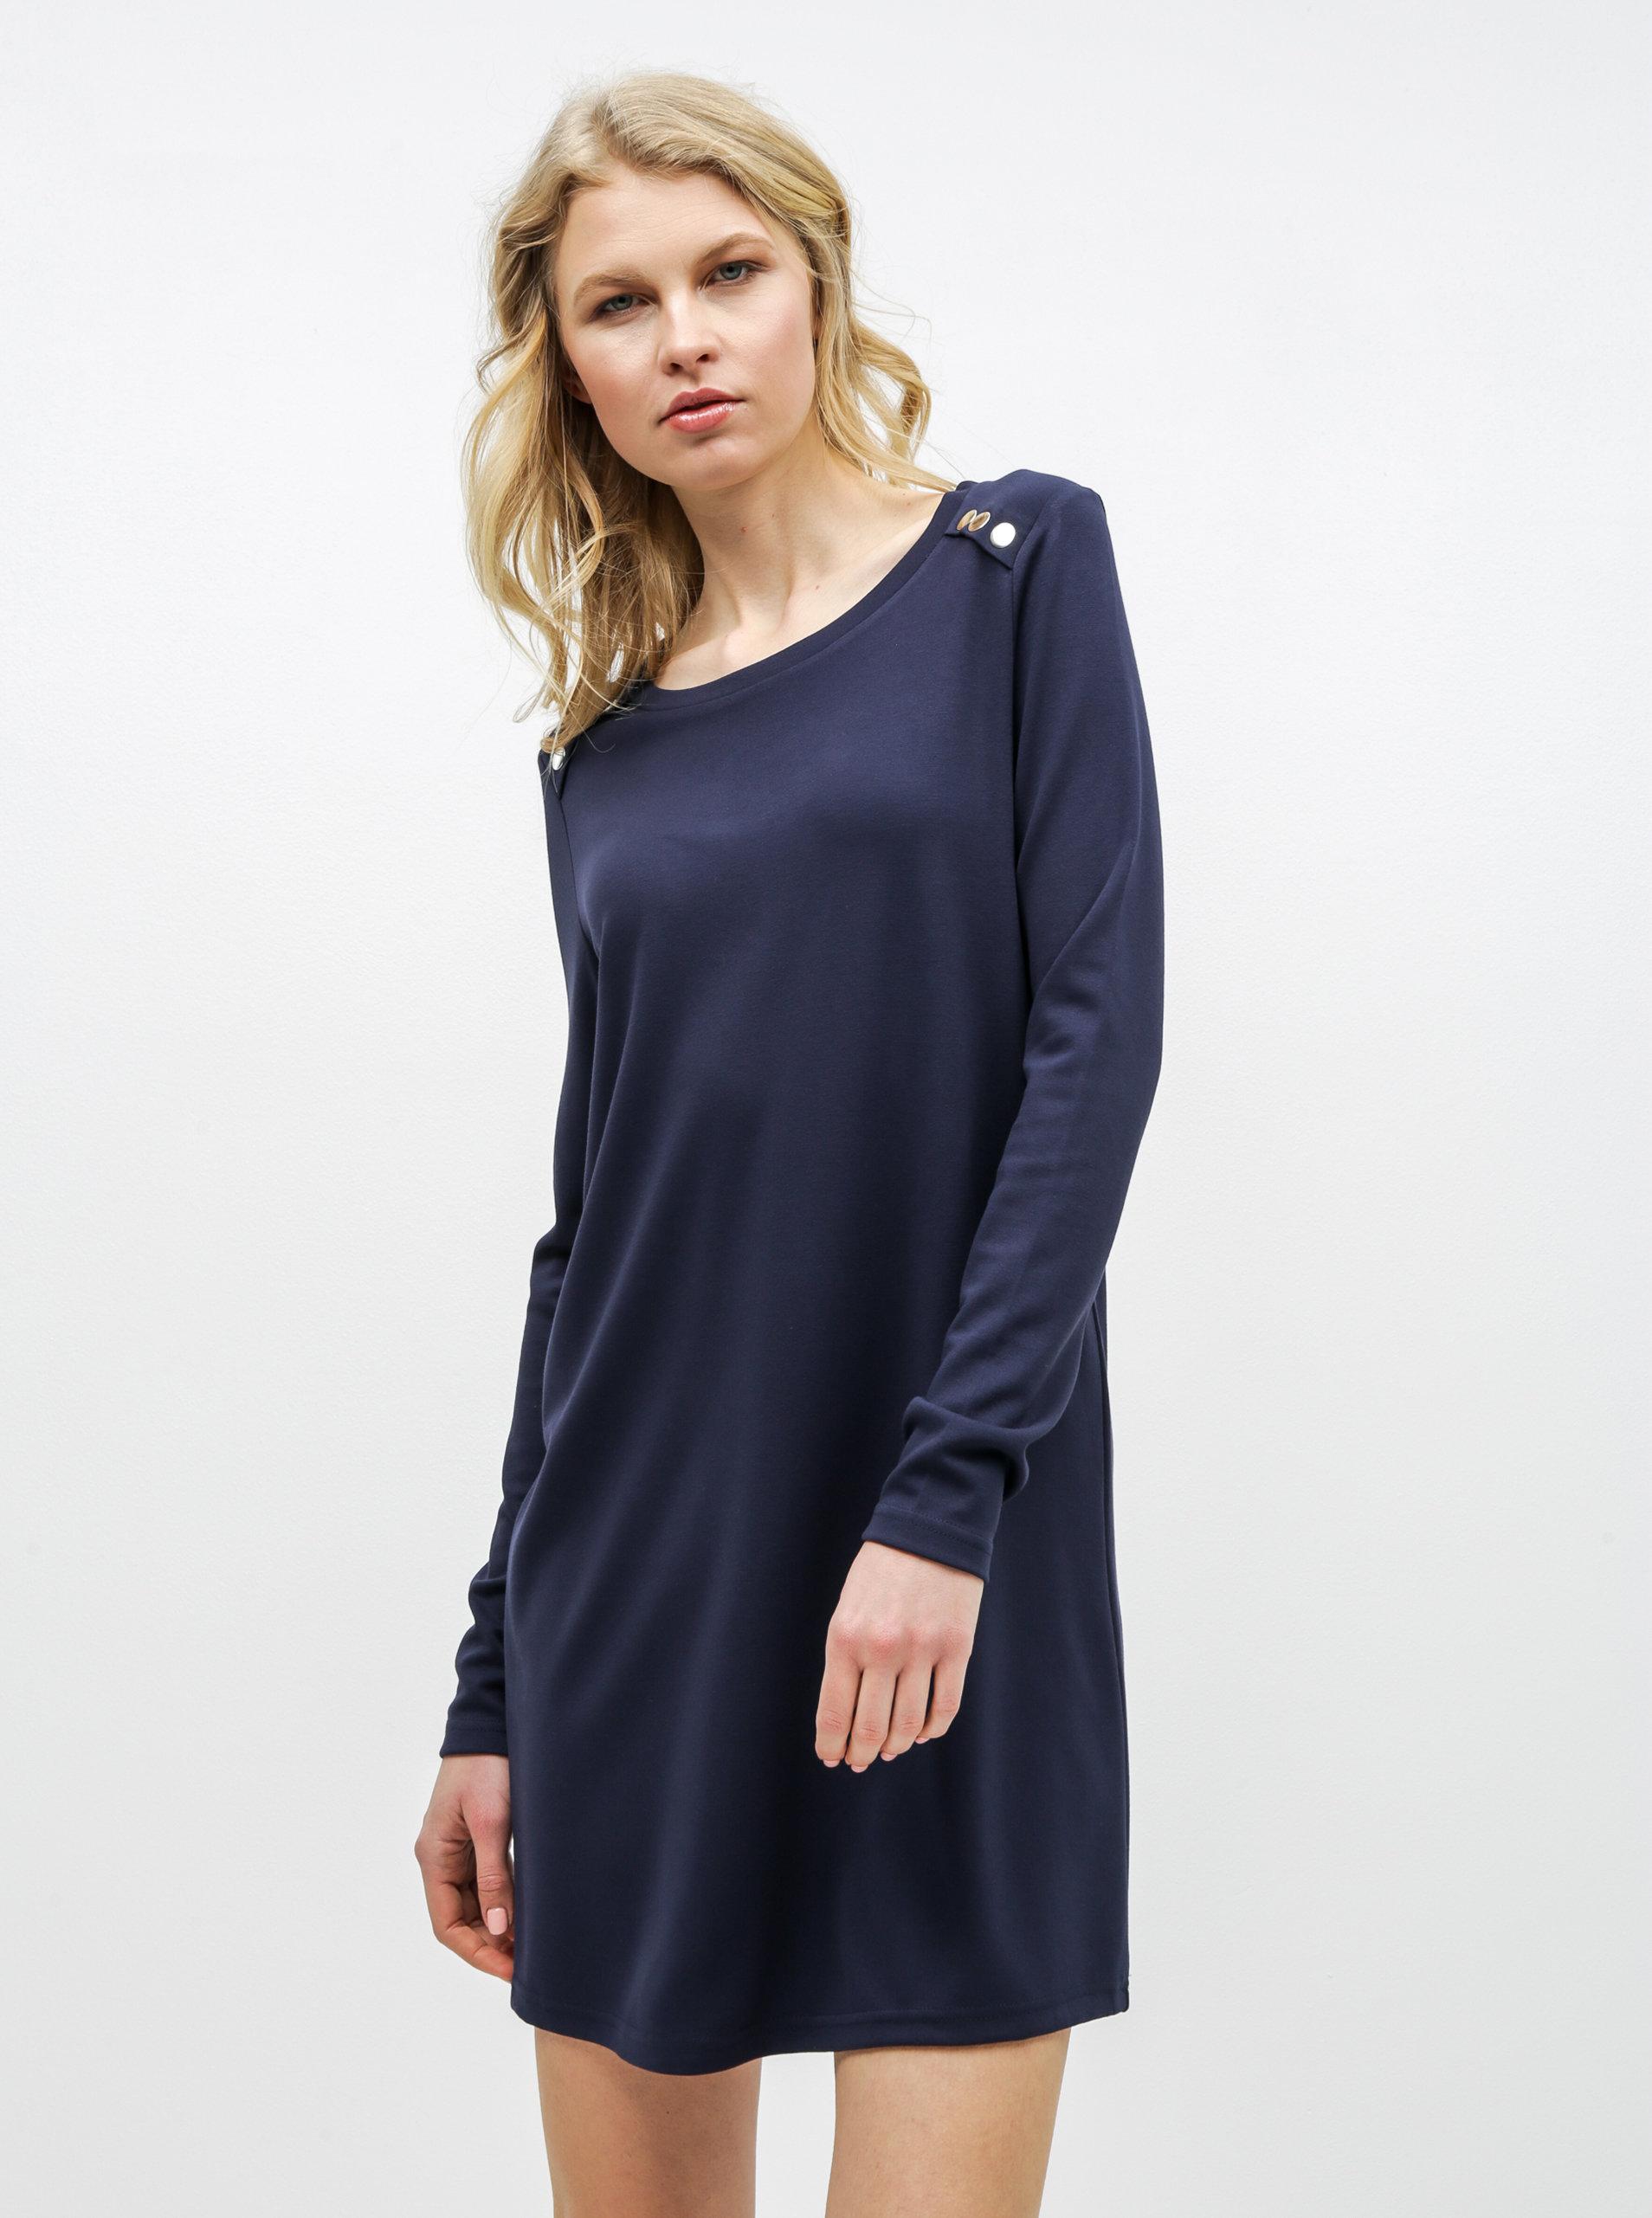 94cb2986971b Tmavomodré šaty s dlhým rukávom VERO MODA Tonja ...